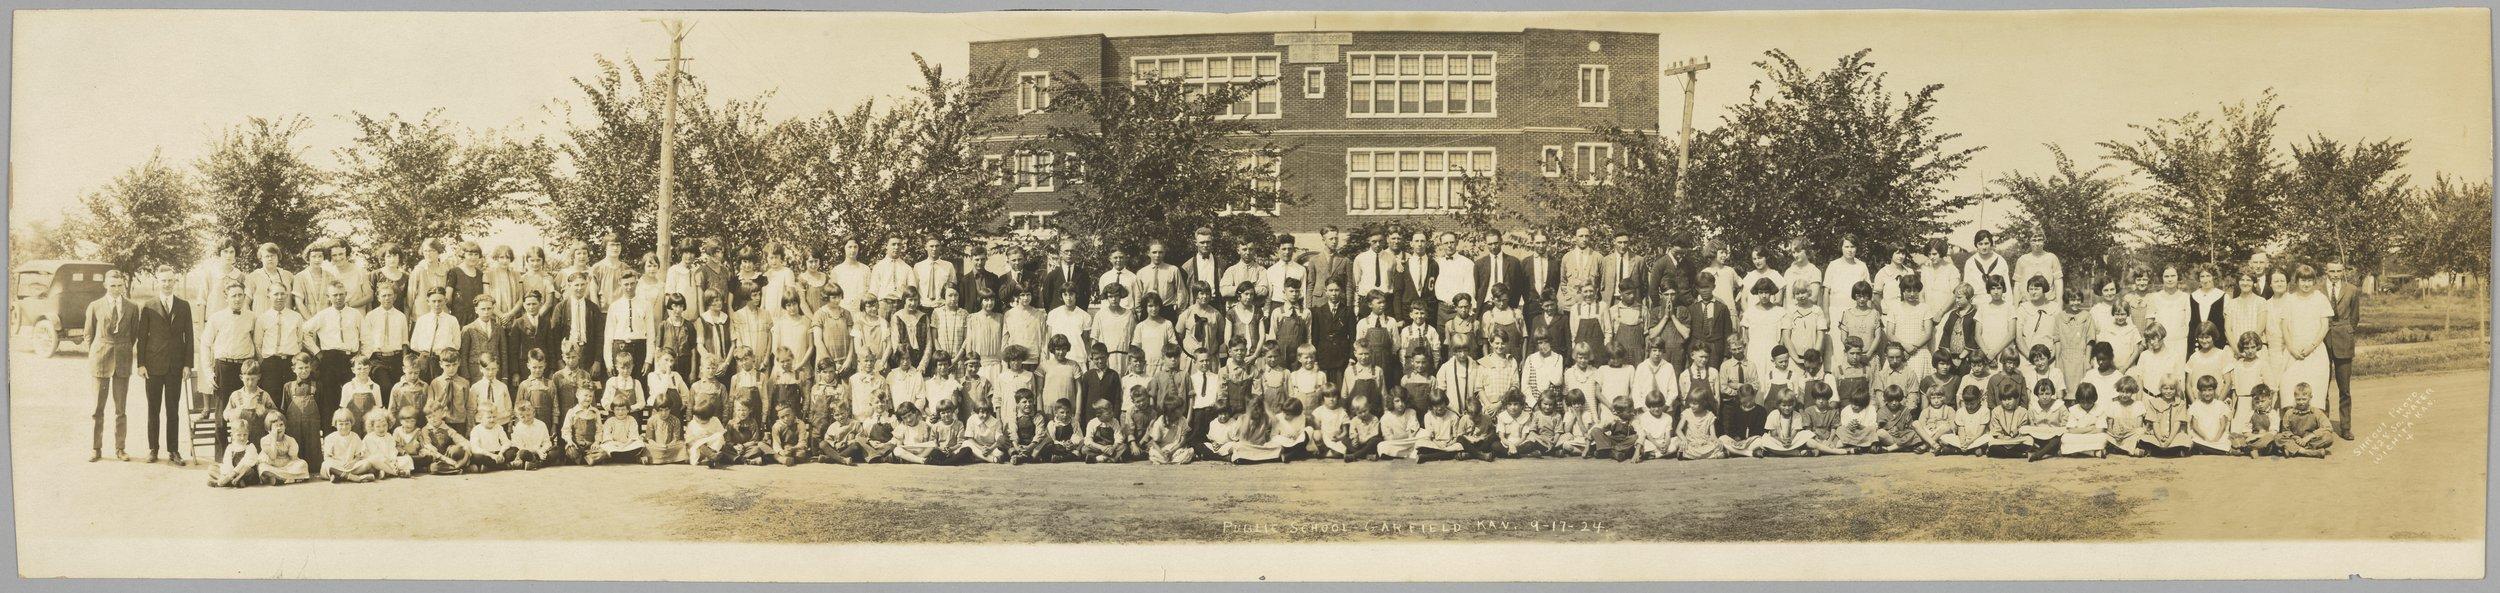 Garfield public school panoramic - 1